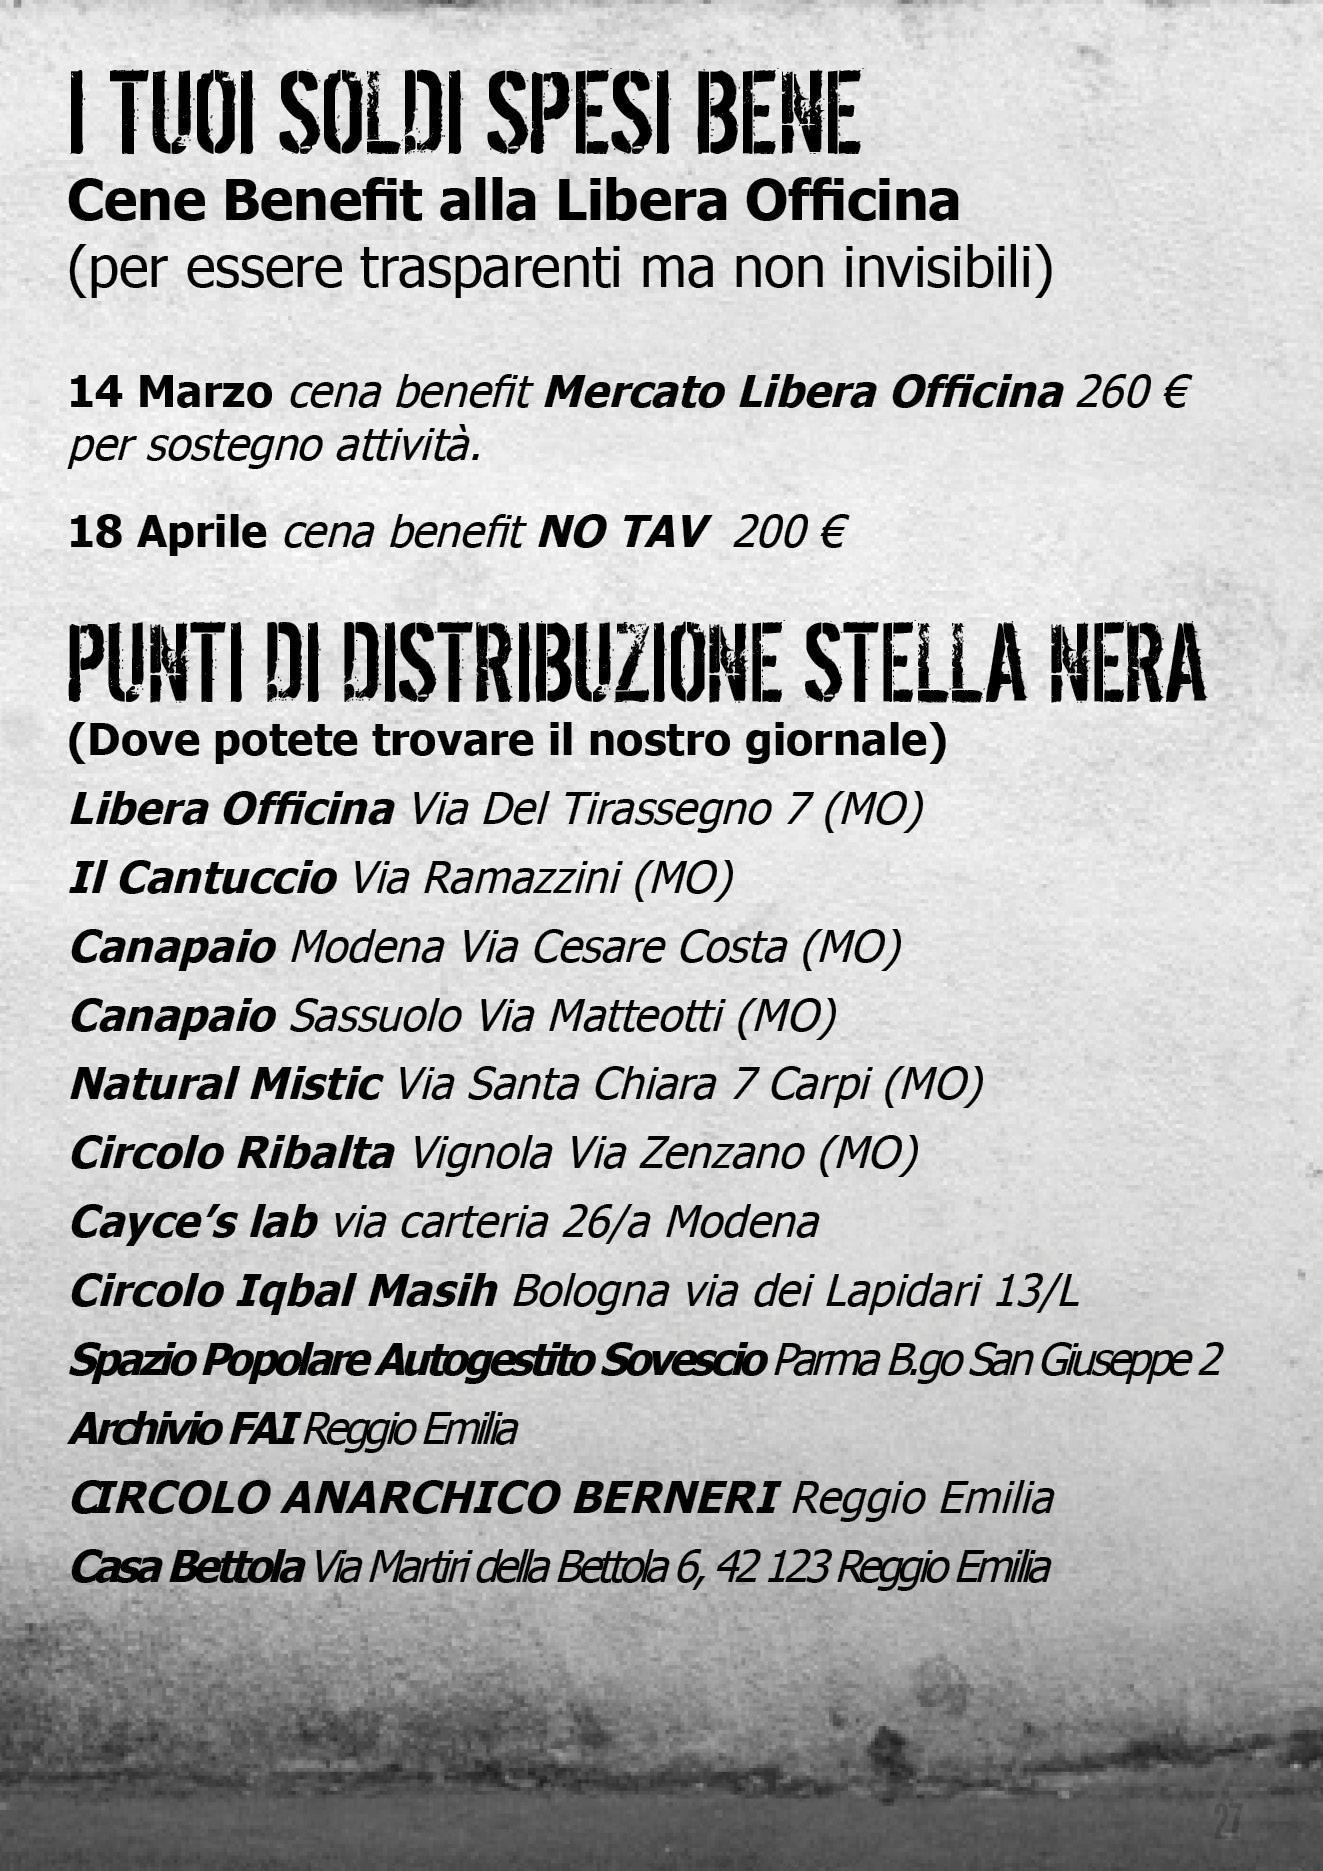 STELAL NERA 3 WEB27